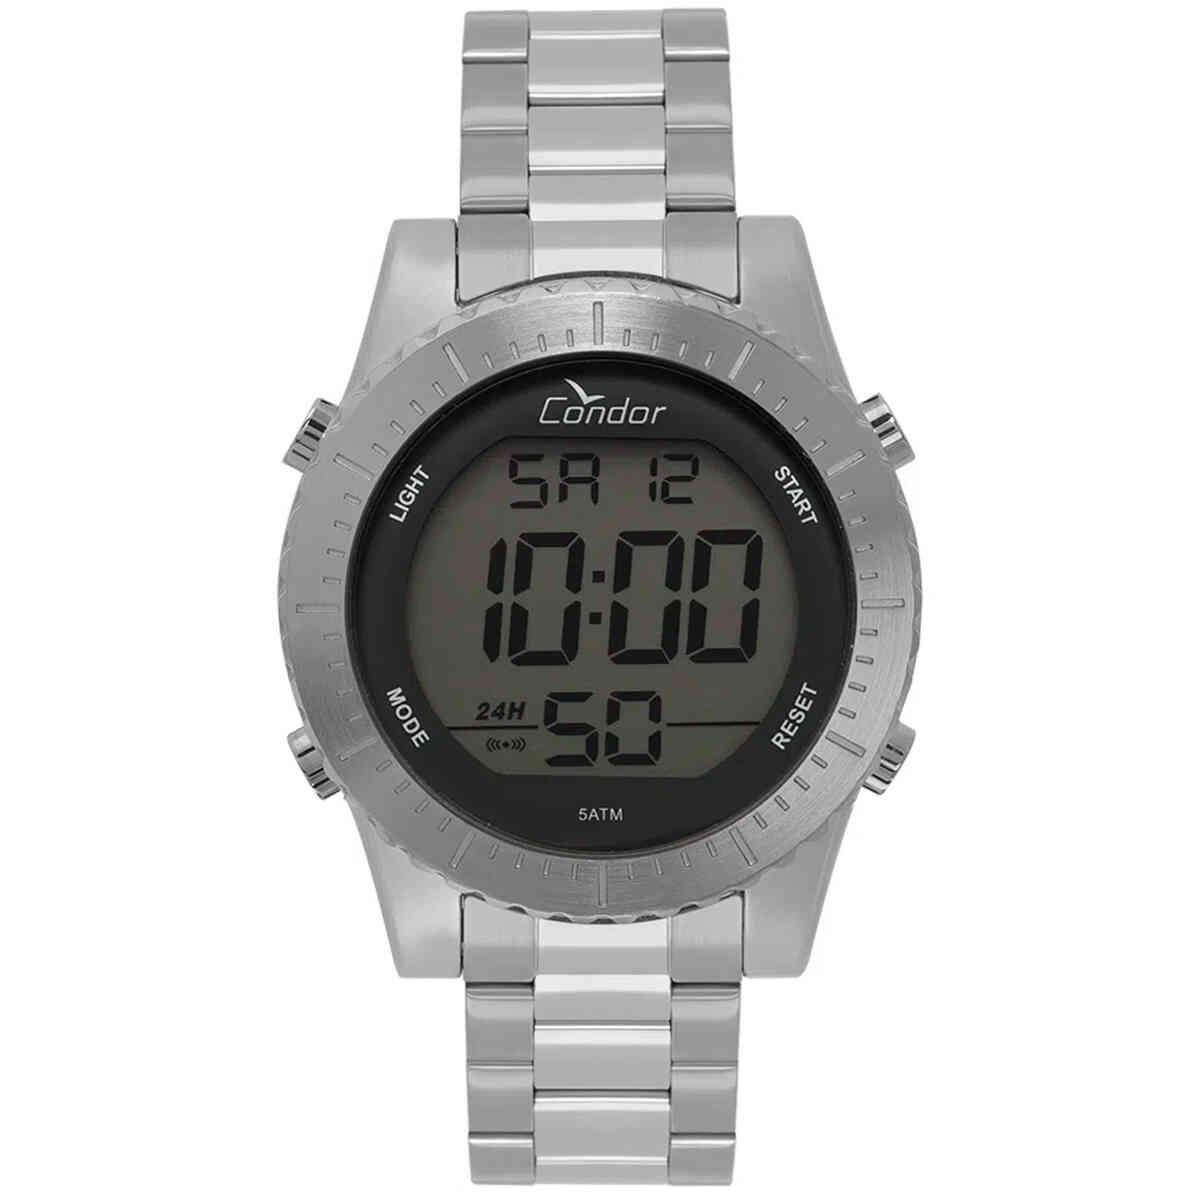 Relógio de Pulso Condor Digital Masculino COBJ3463AB